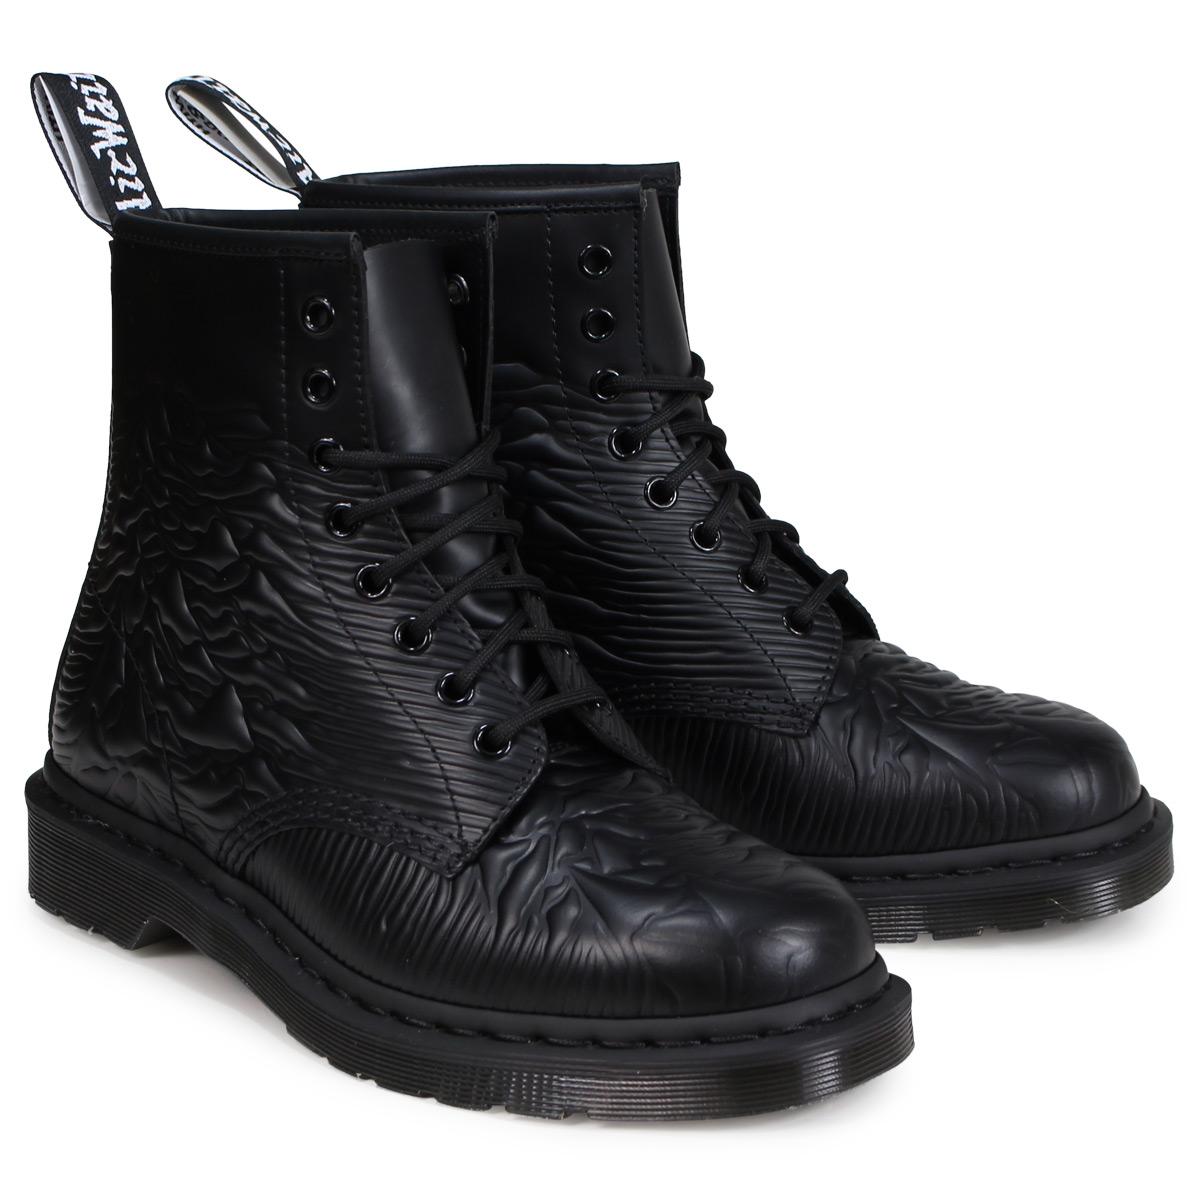 Dr.Martens UNKNOWN 8EYE BOOT ドクターマーチン 8ホール 1460 ブーツ メンズ レディース ブラック R24302001